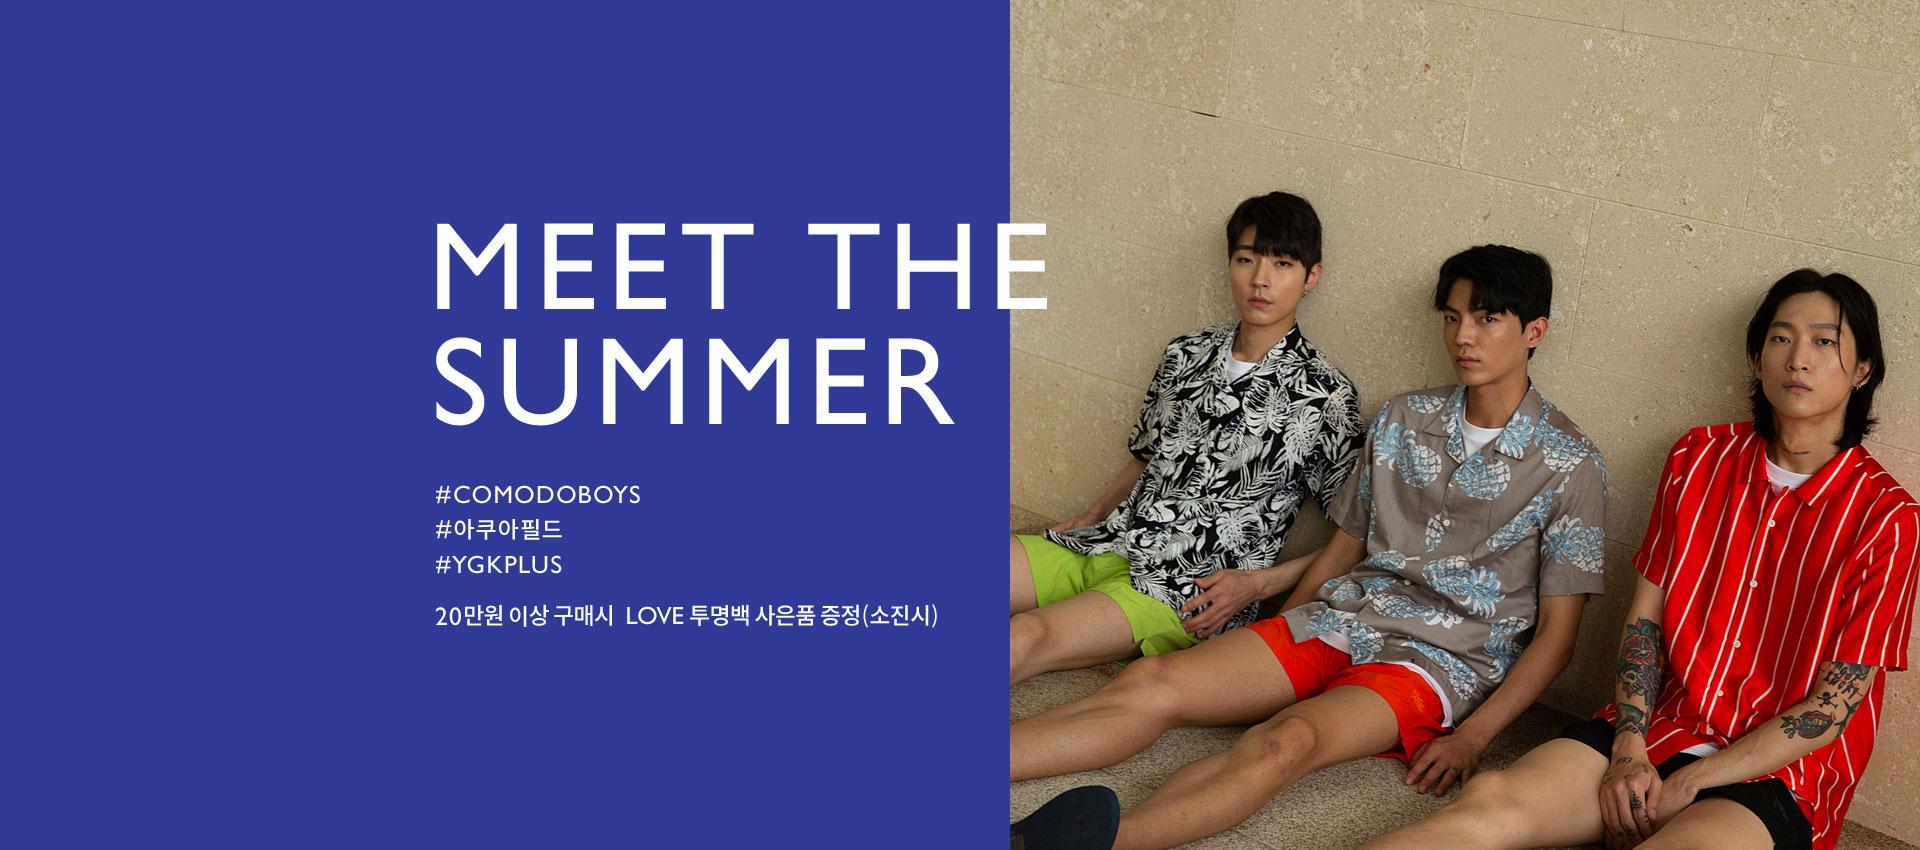 MEET THE SUMMER